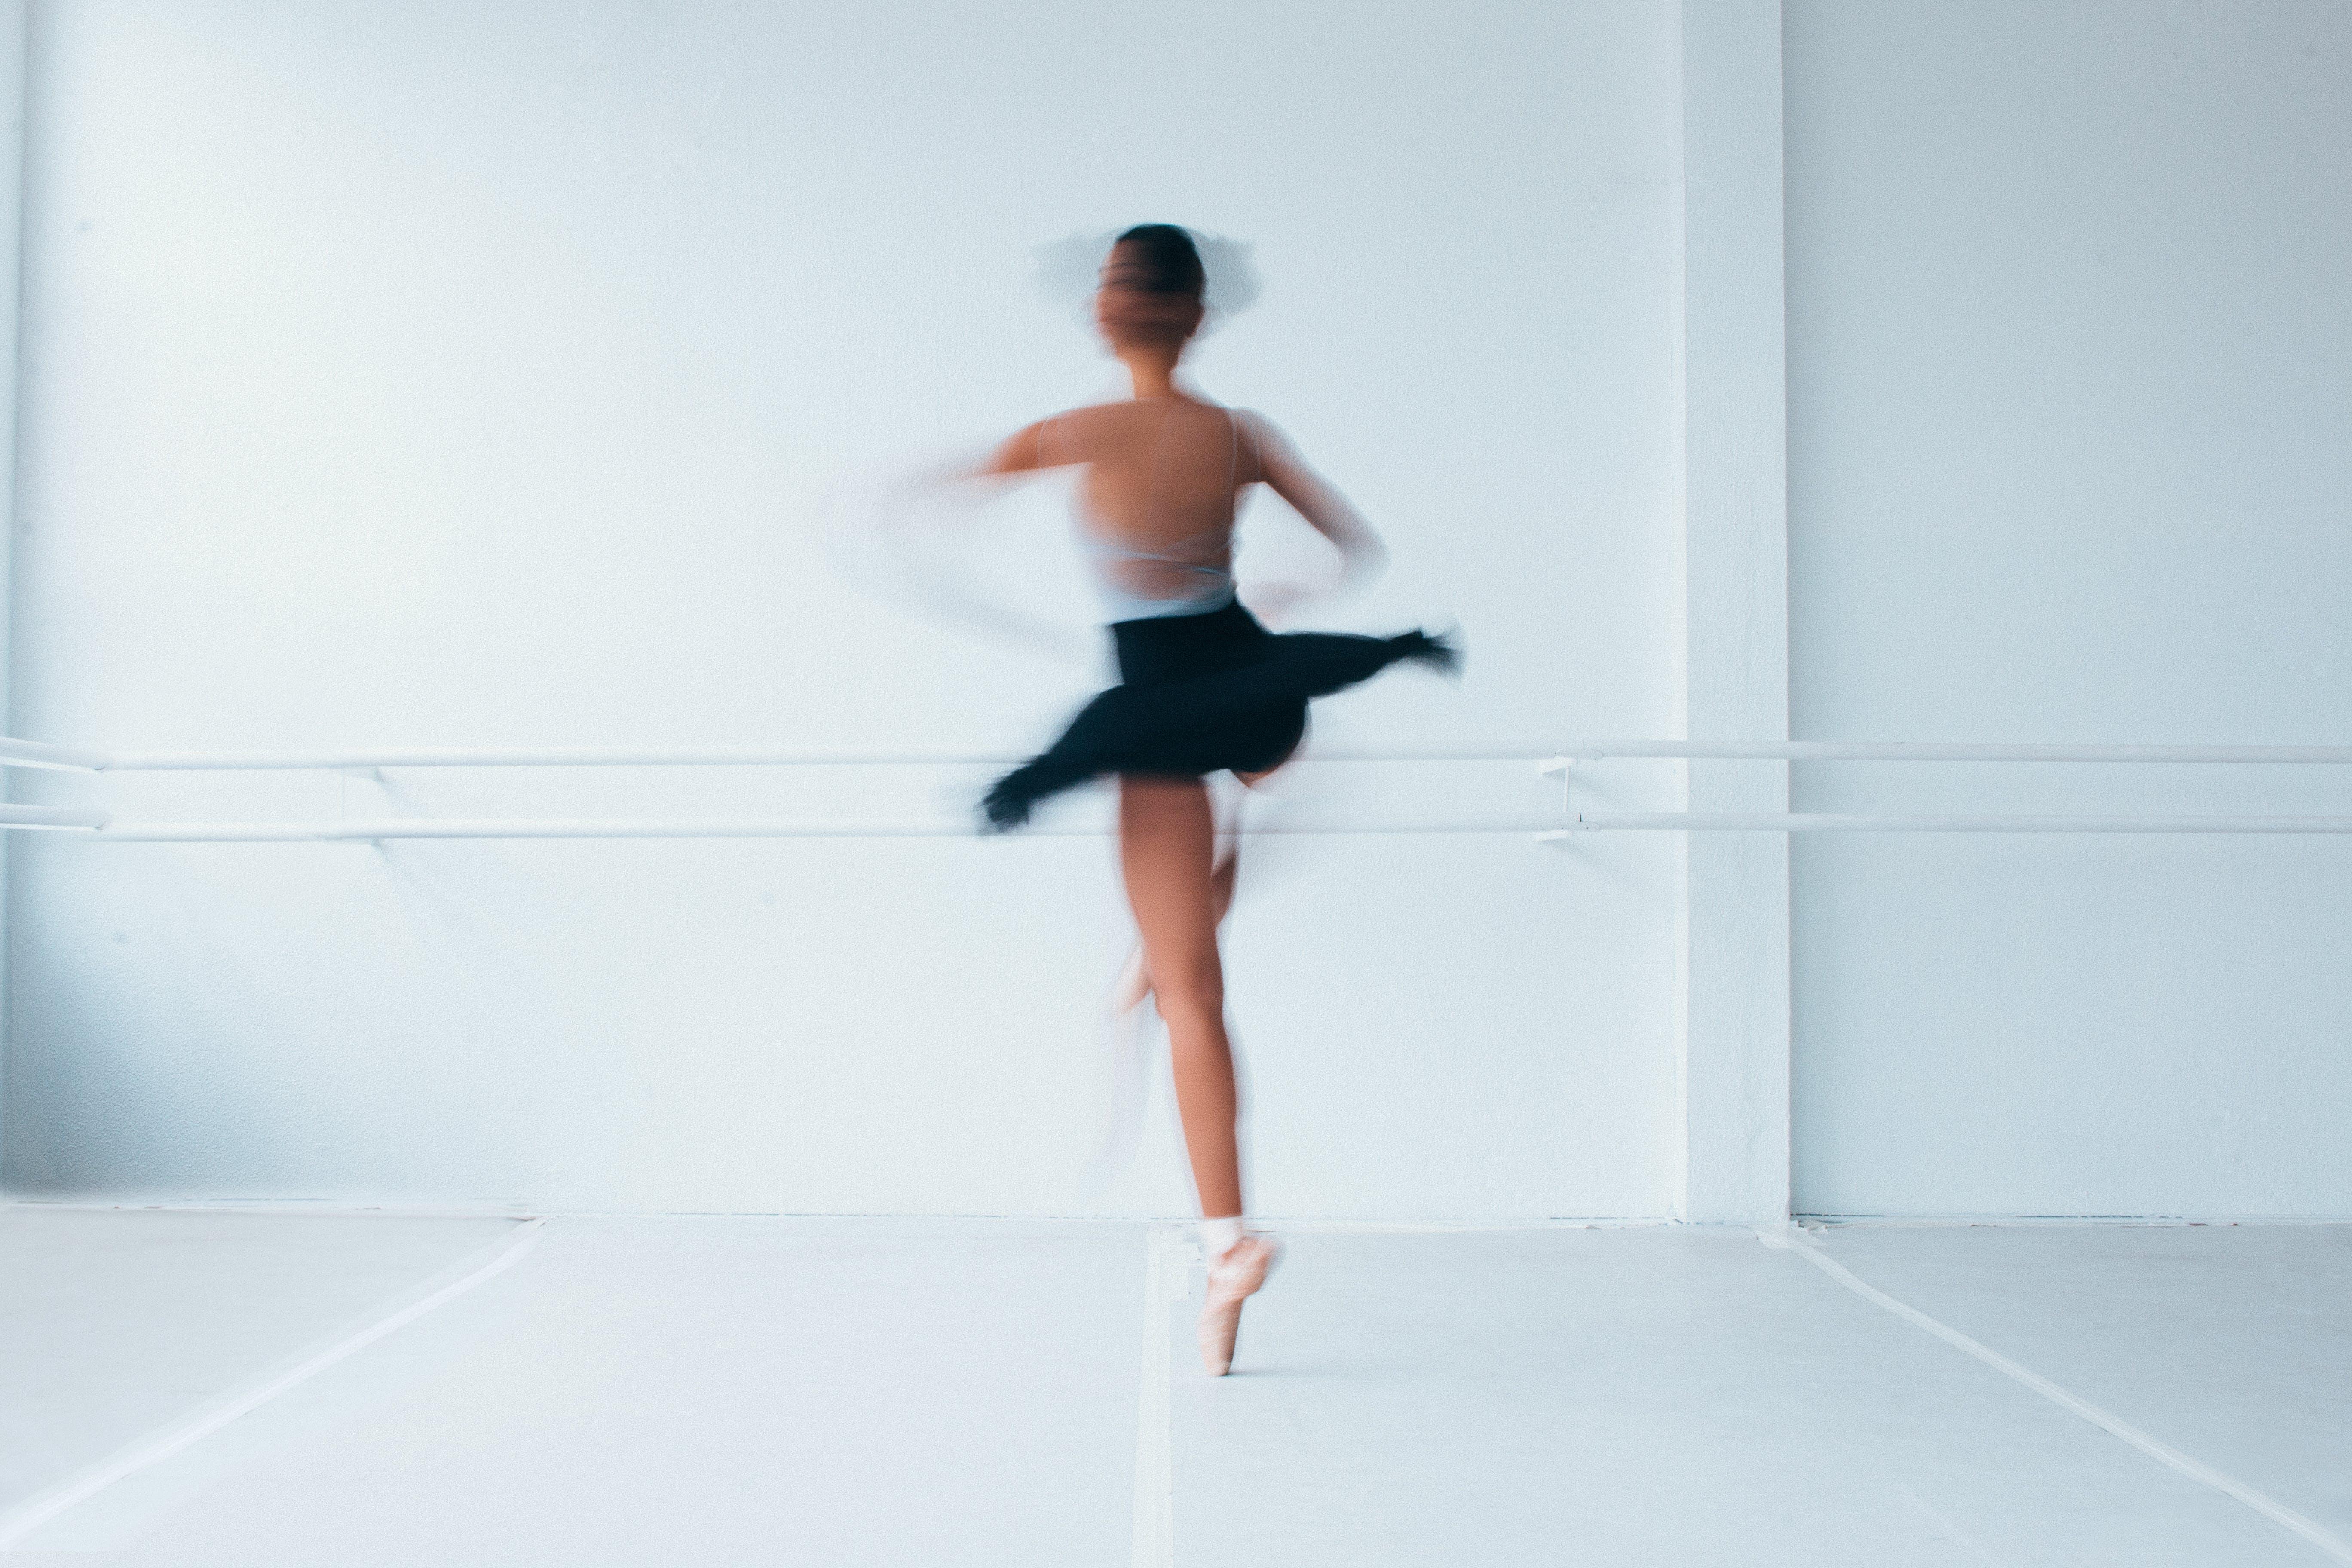 Fotos de stock gratuitas de actuación, bailando, bailar, bailarín